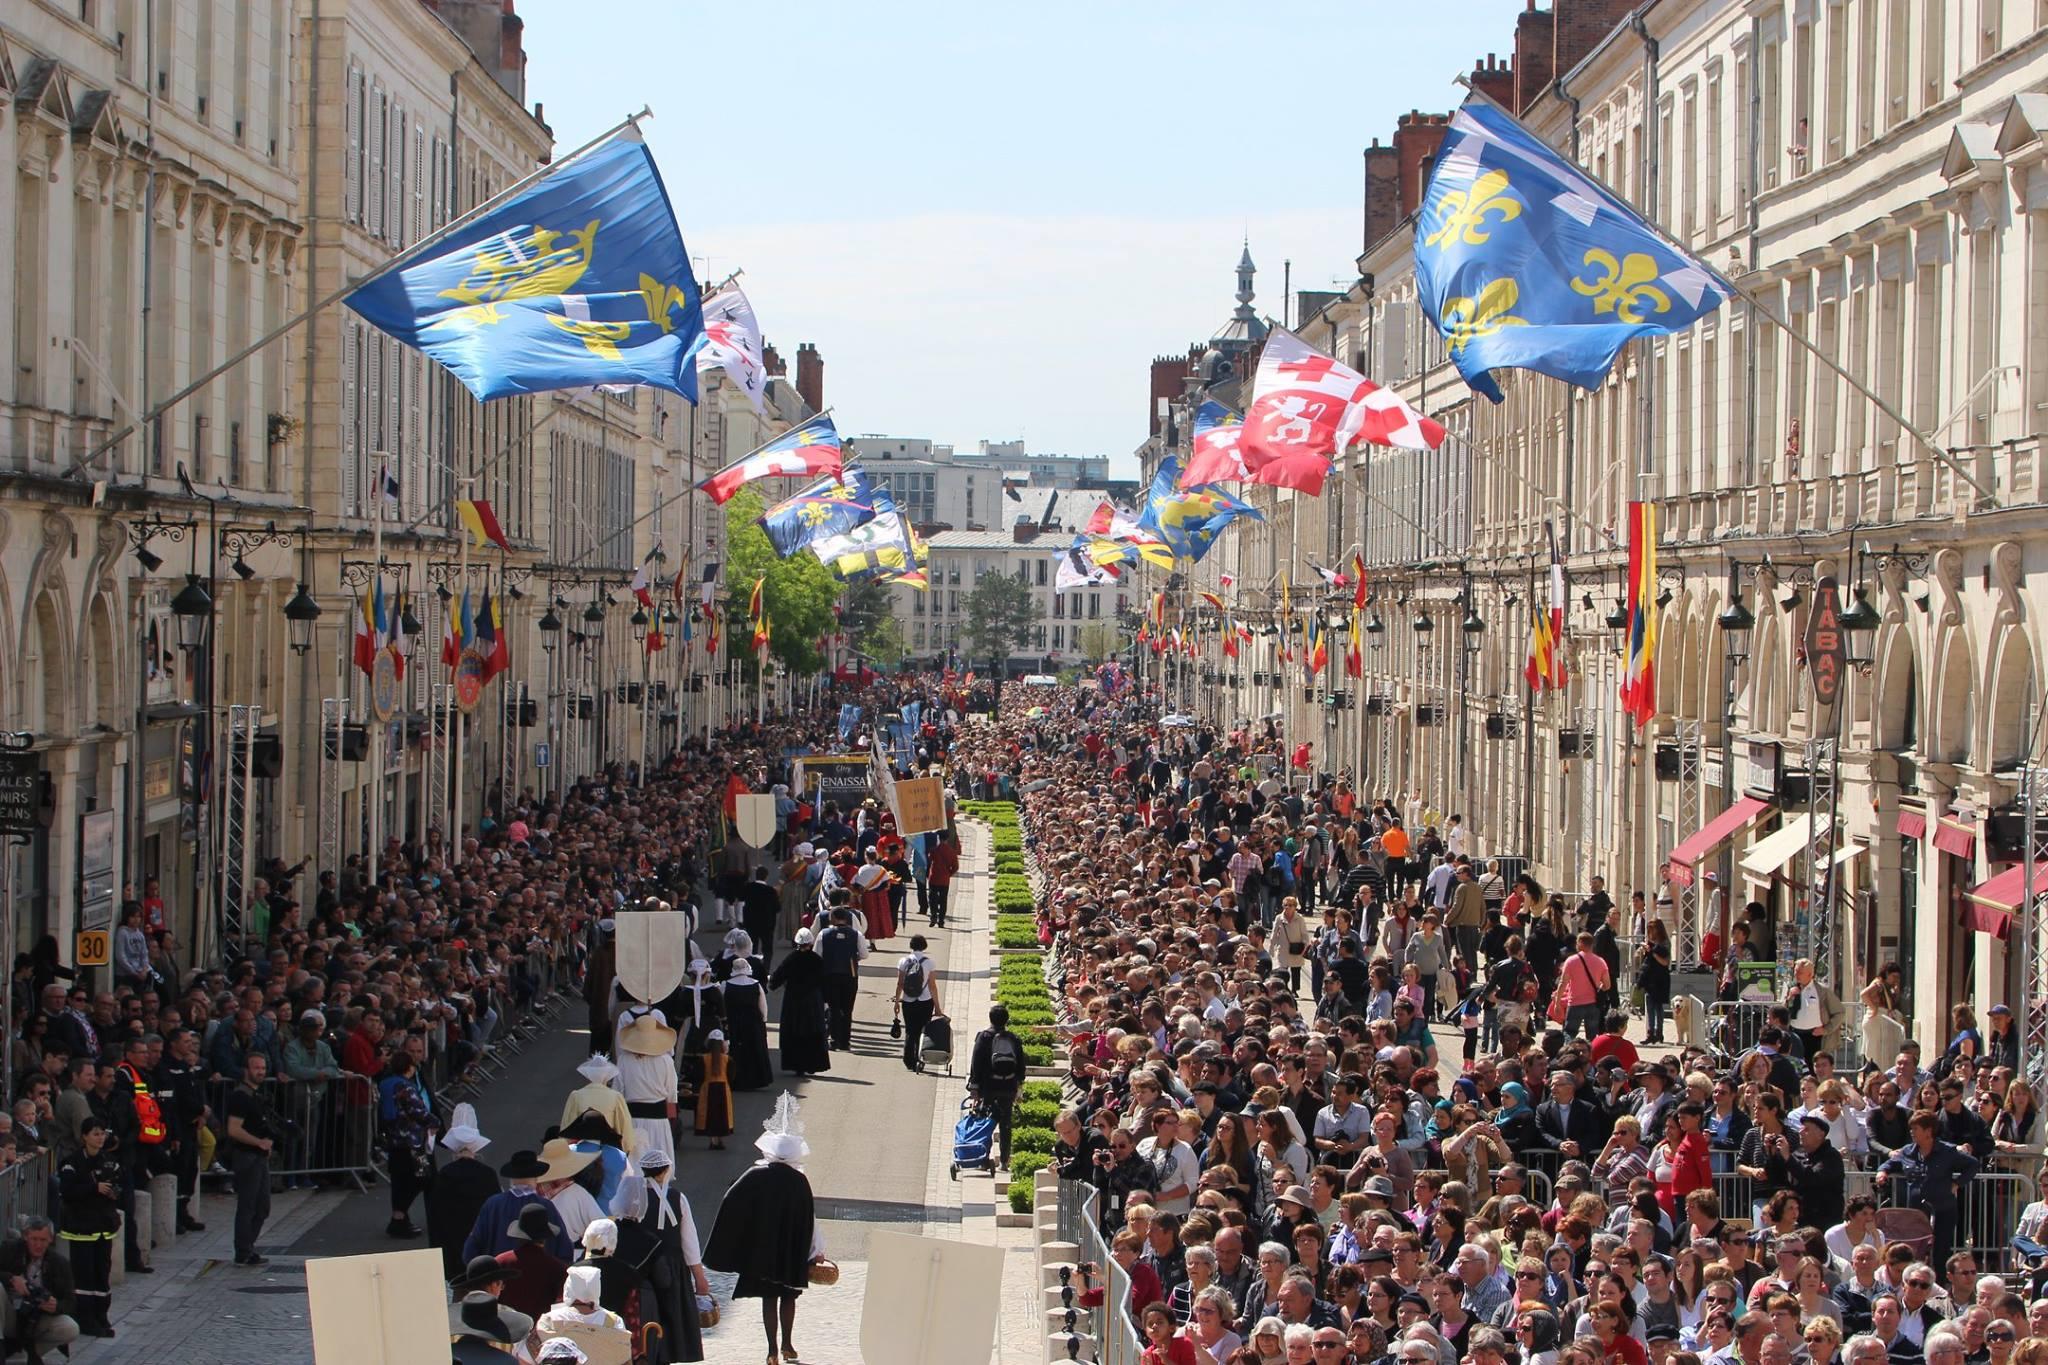 Les corporations, associations, clubs de sports, mouvements de jeunesses, religieux... défilent derrière Jeanne d'Arc, applaudie par le restant de la ville © Bertrand Deshayes